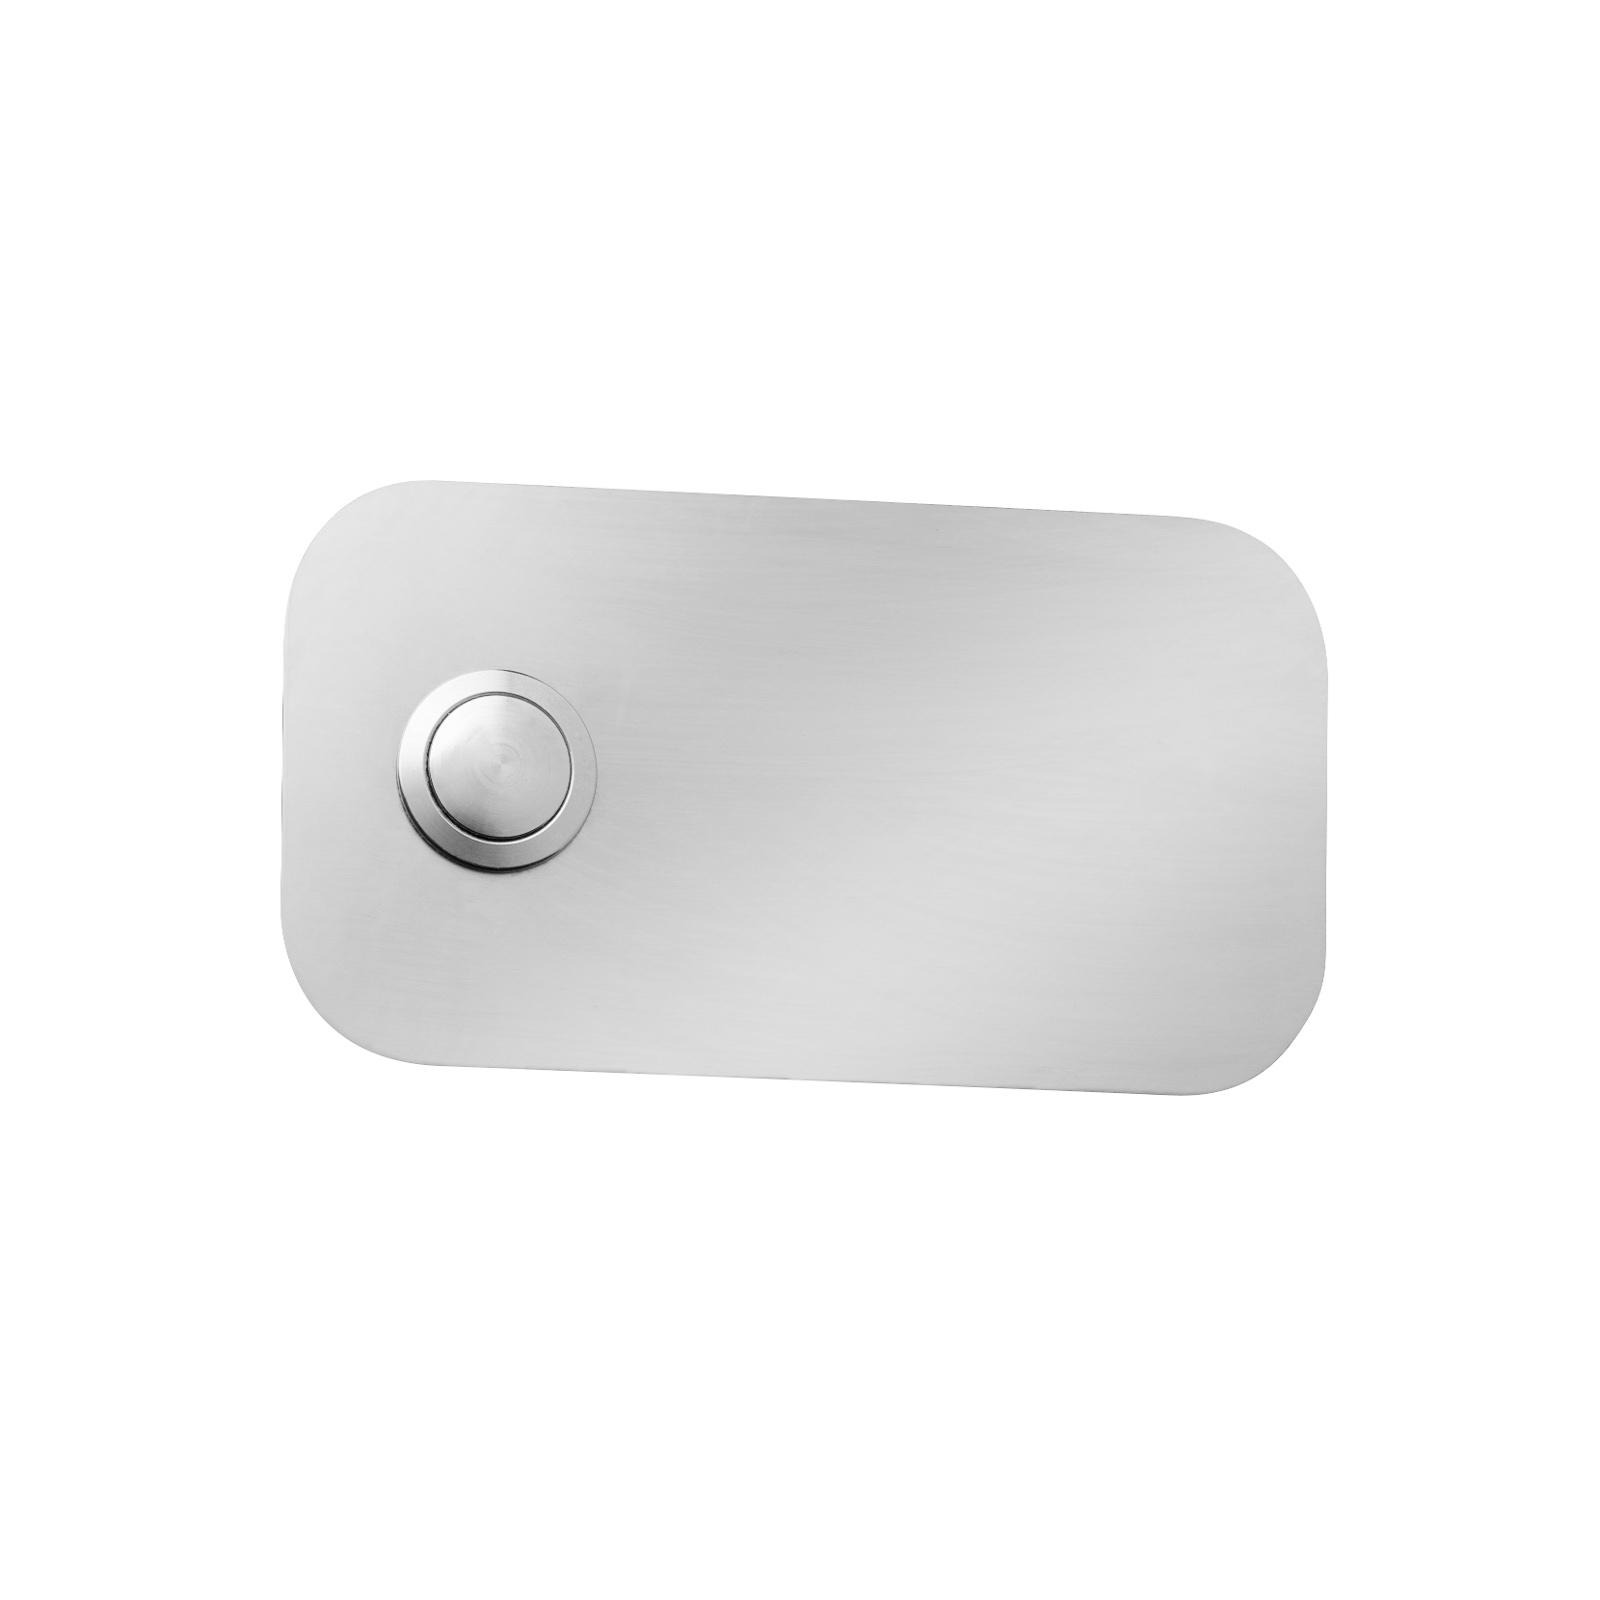 Obdĺžniková doštička na zvonček, ušľachtilá oceľ_2011141_1